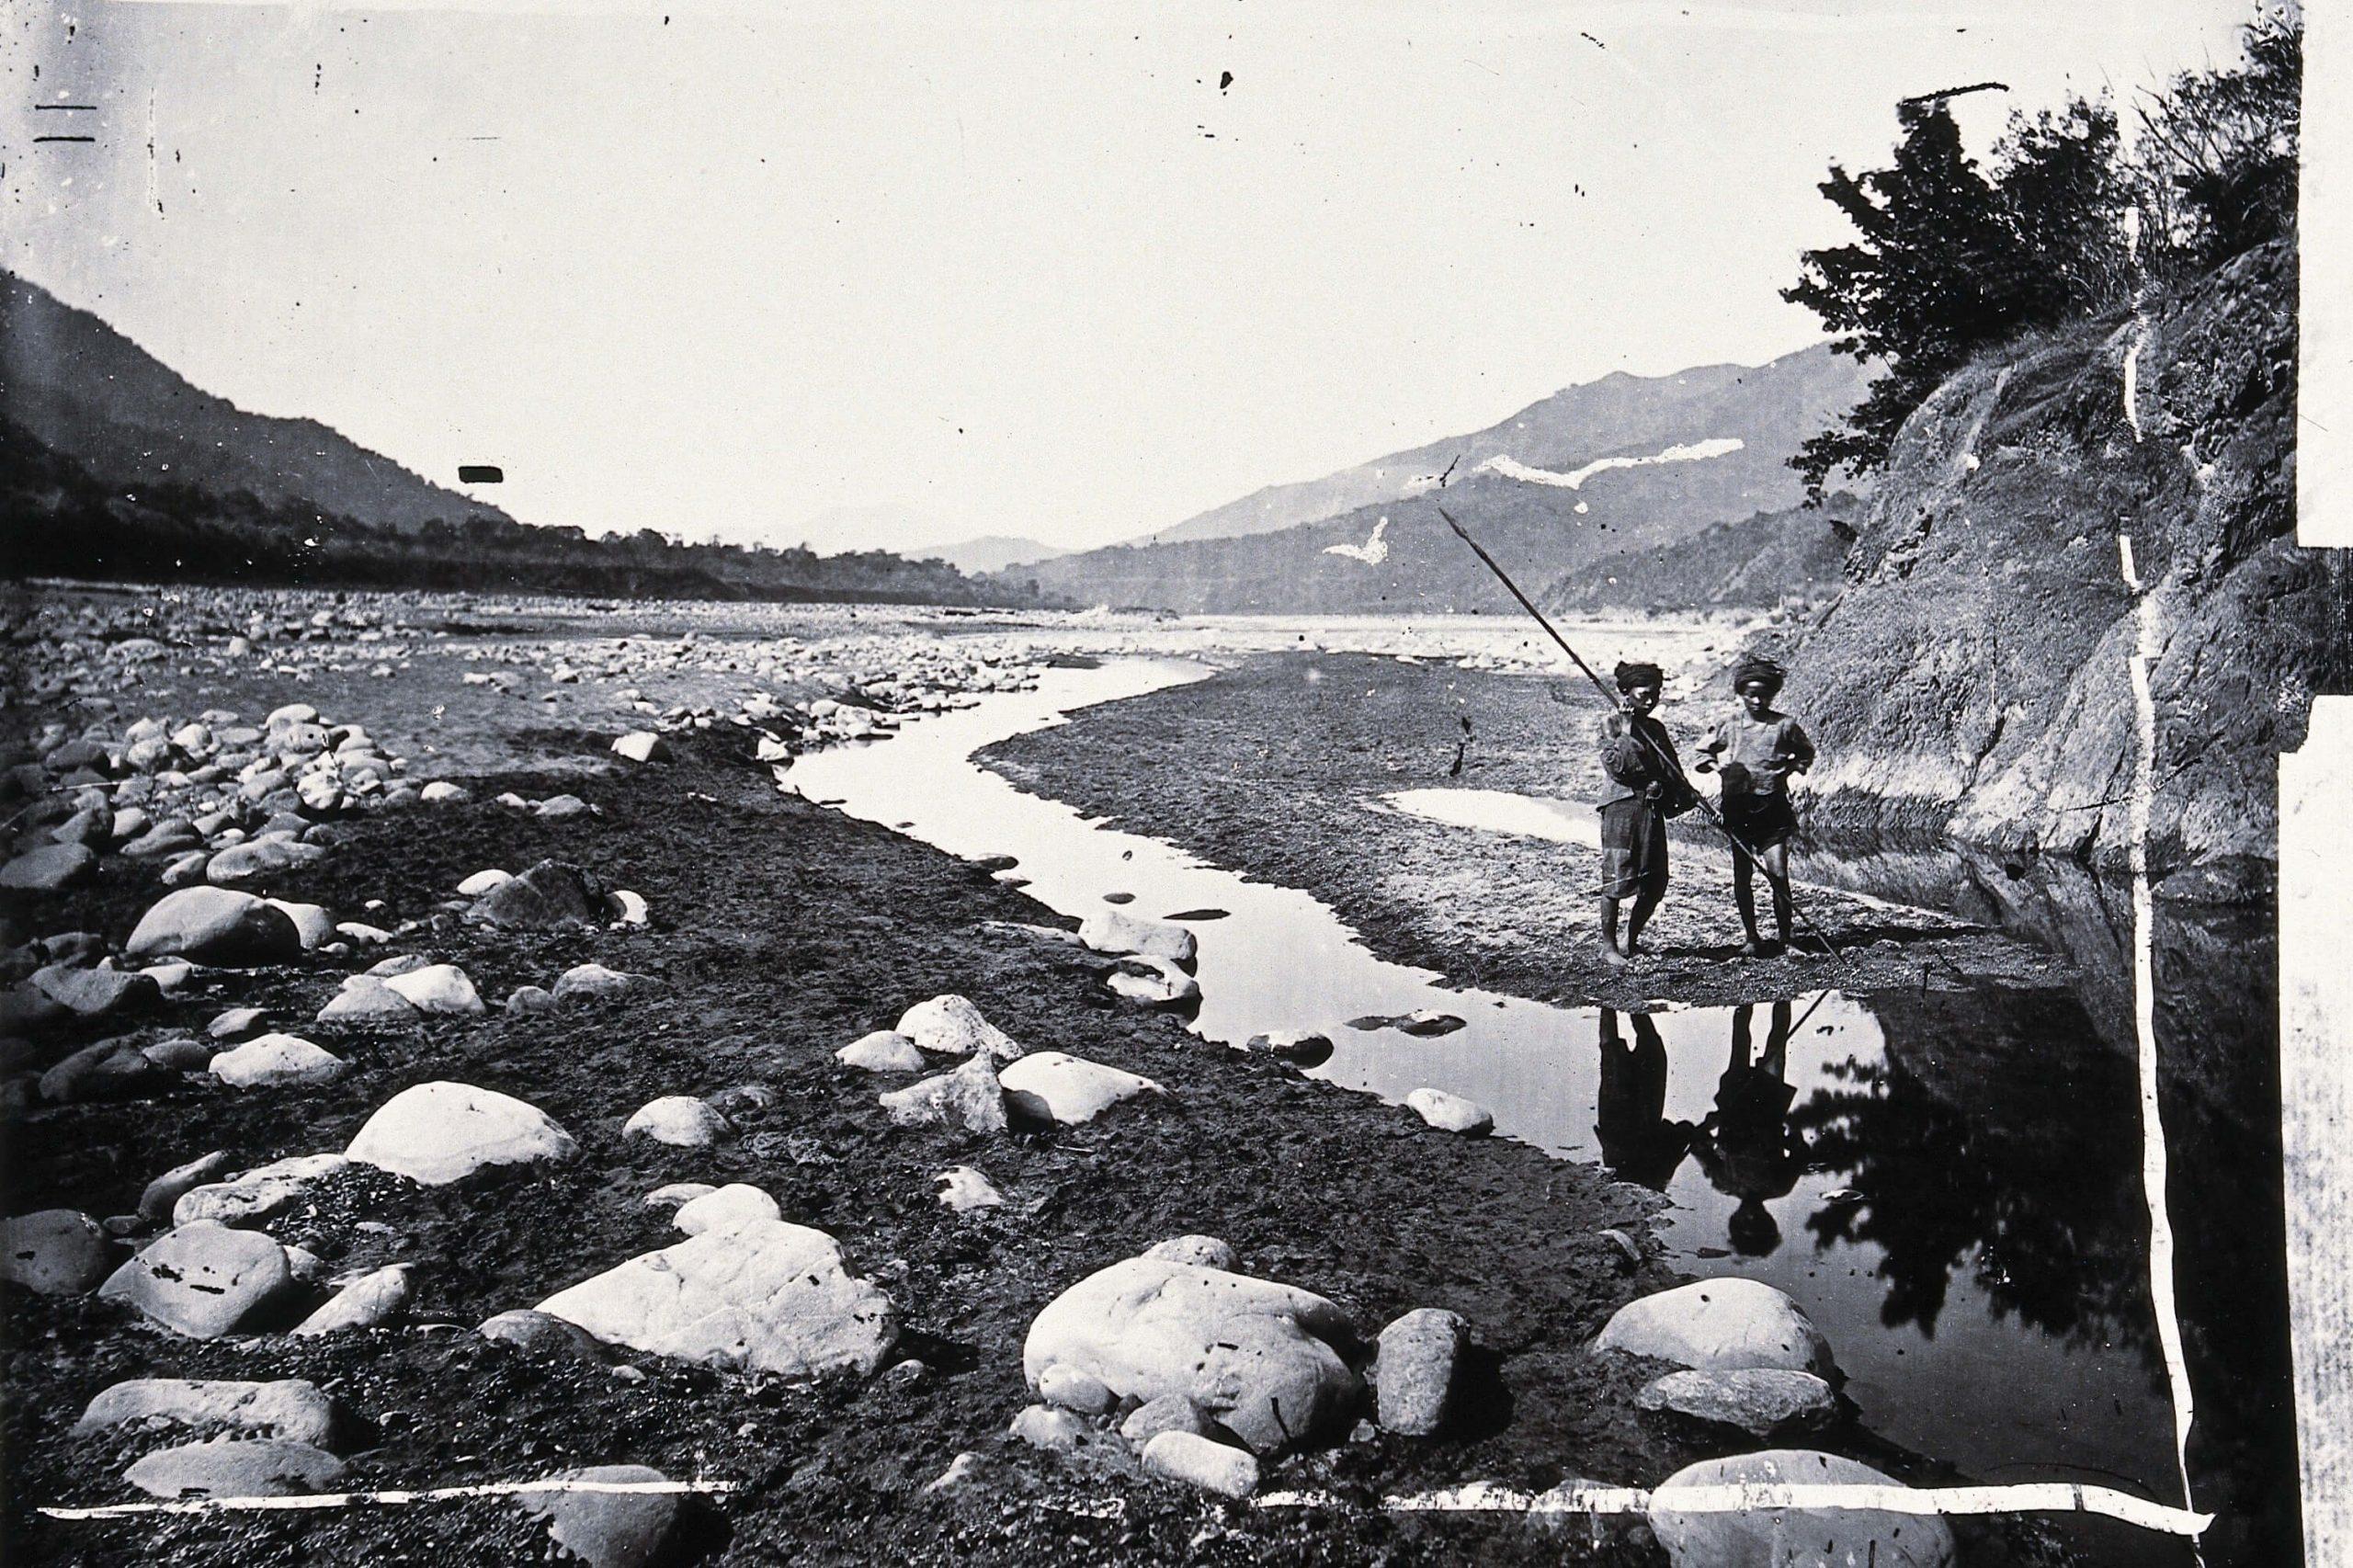 國家攝影文化中心臺北館「舉起鏡子迎上他的凝視—臺灣攝影首篇」